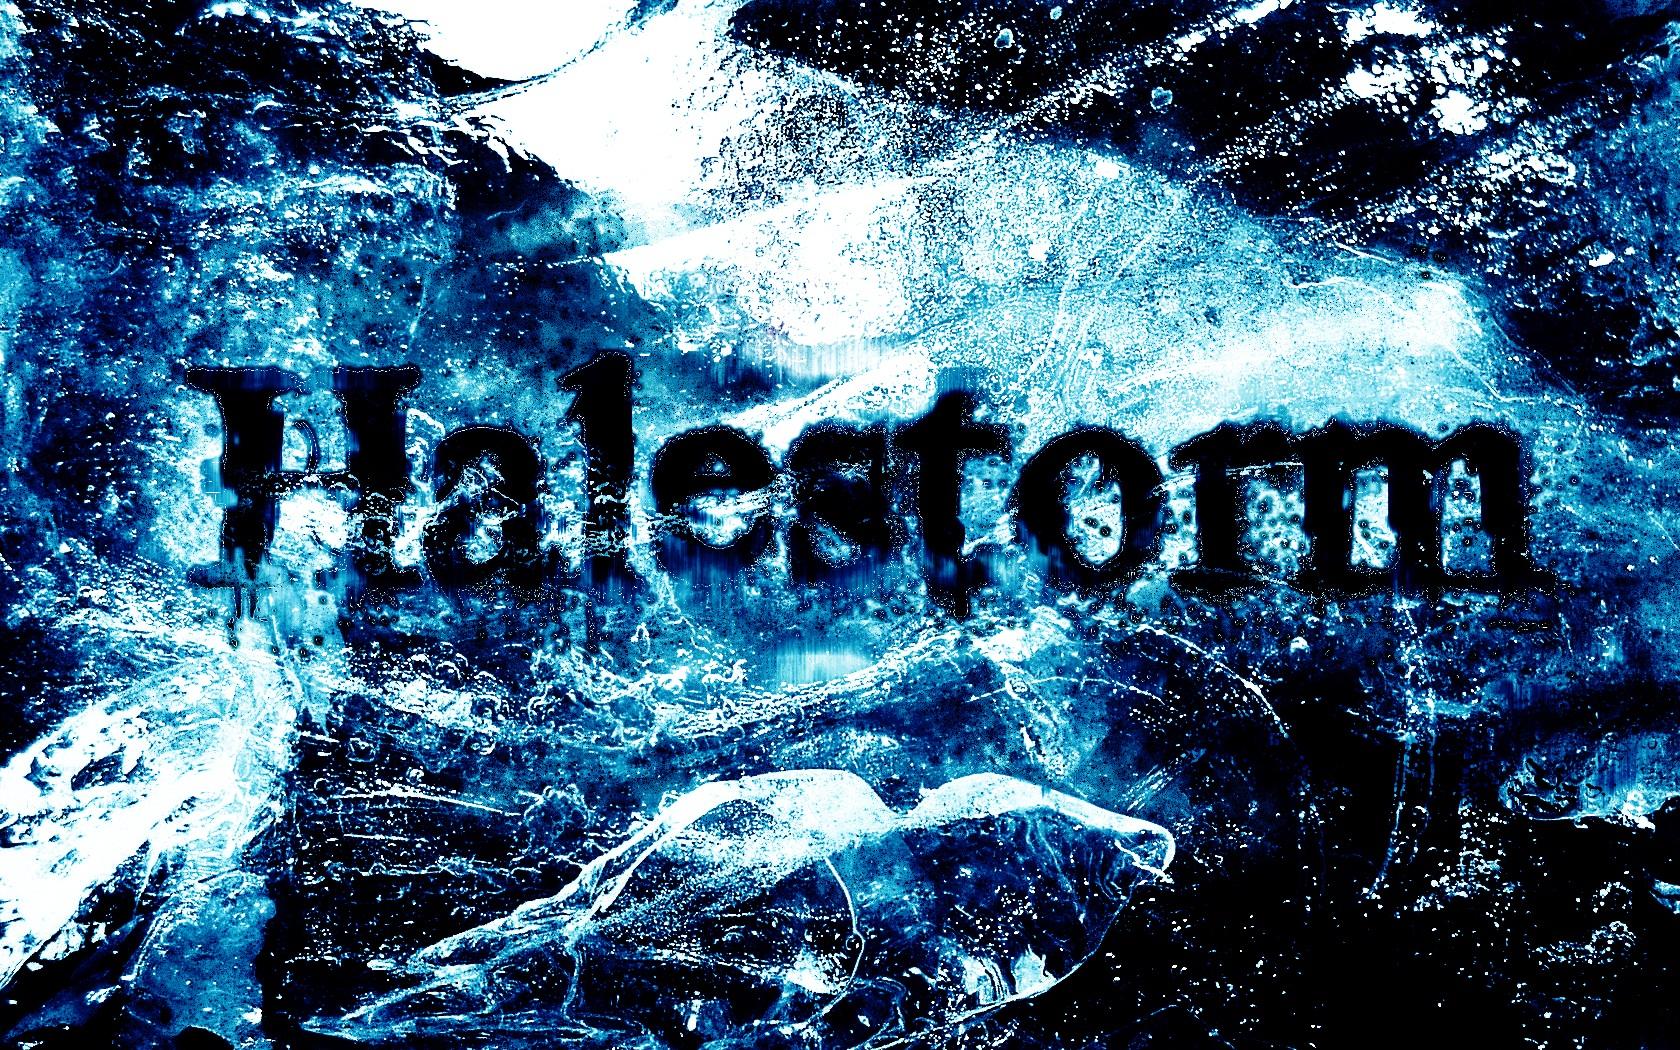 Halestorm wallpaper   Lzzy Hale Wallpaper 36897788 1680x1050